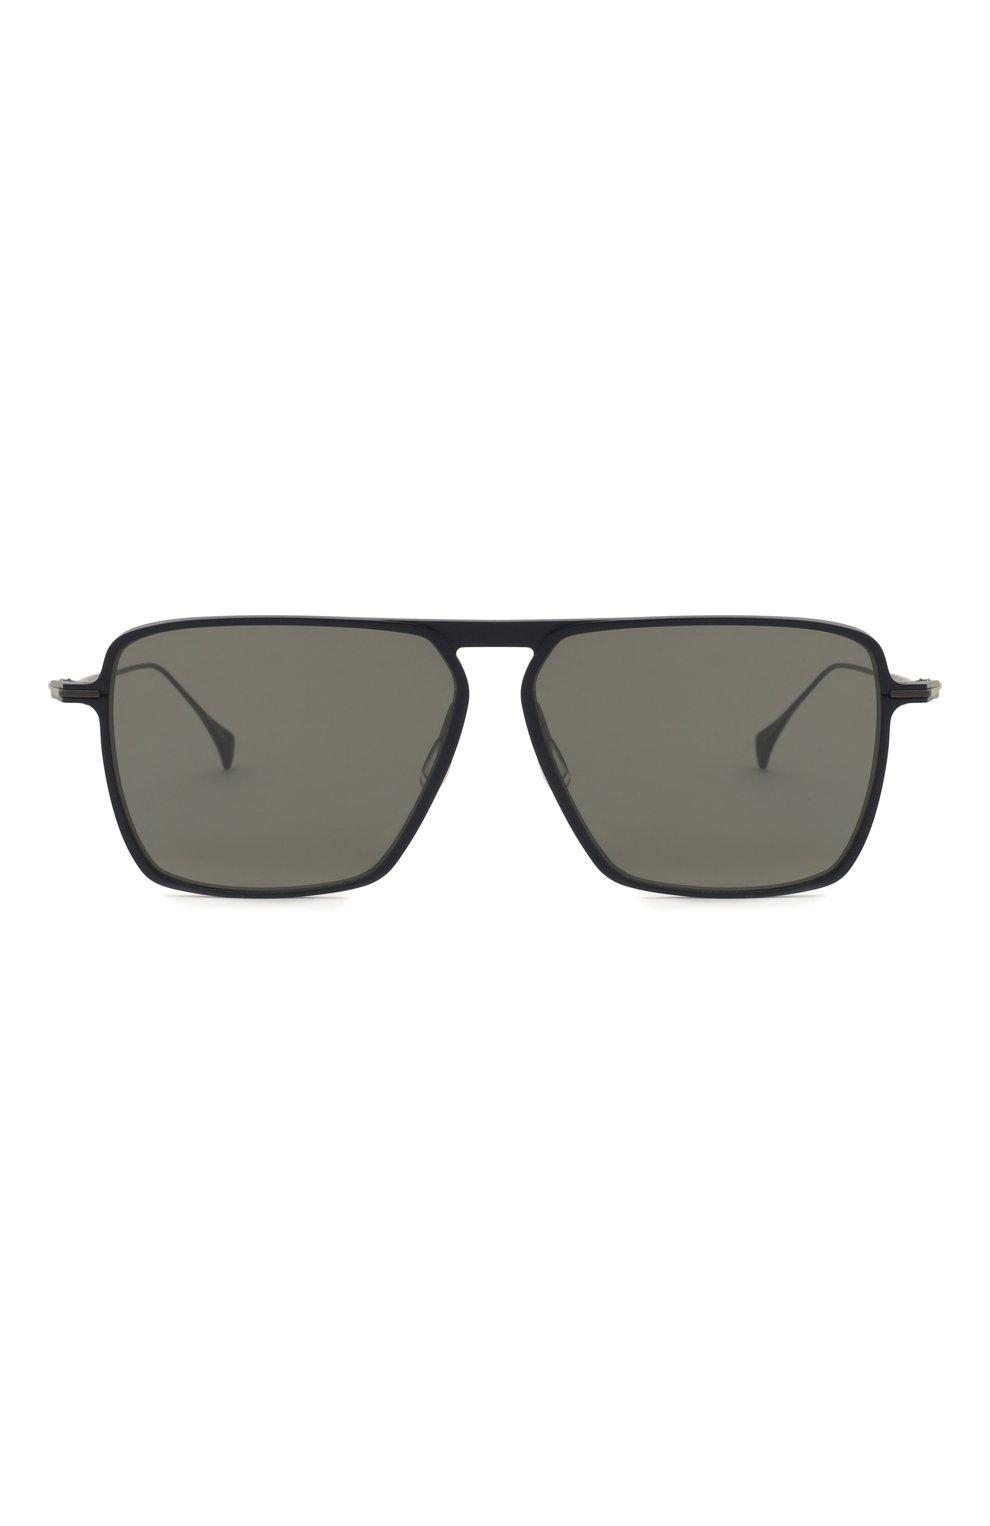 Мужские солнцезащитные очки YOHJI YAMAMOTO серого цвета, арт. YY7036 609   Фото 4